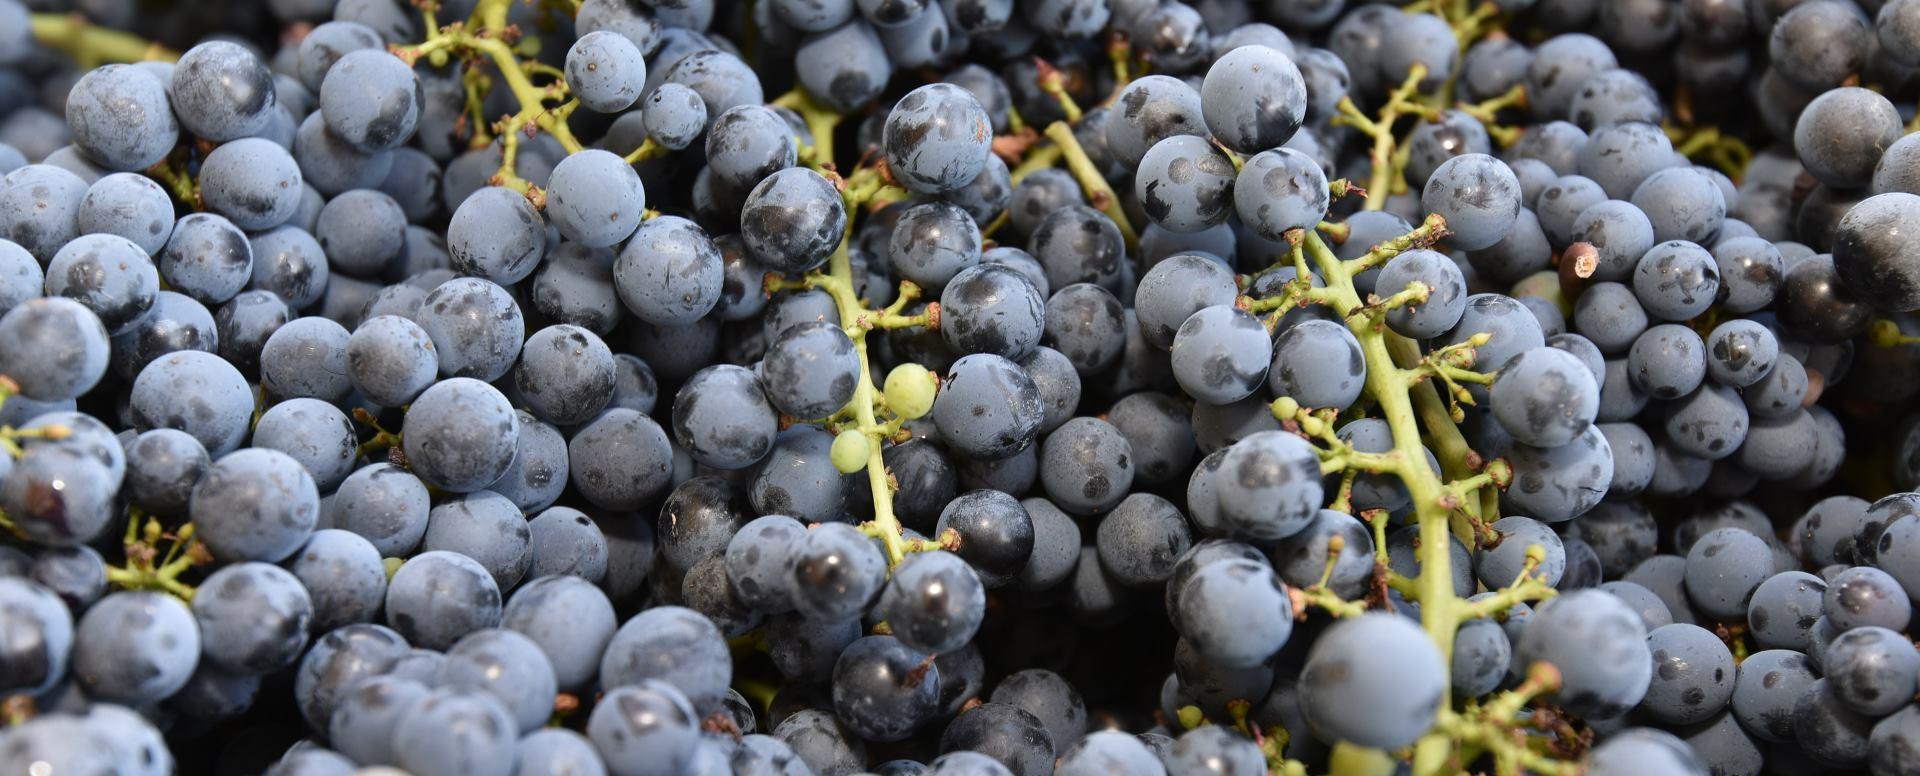 Resveratrol, sadržan u crnom grožđu, uravnotežuje hormonalni sustav